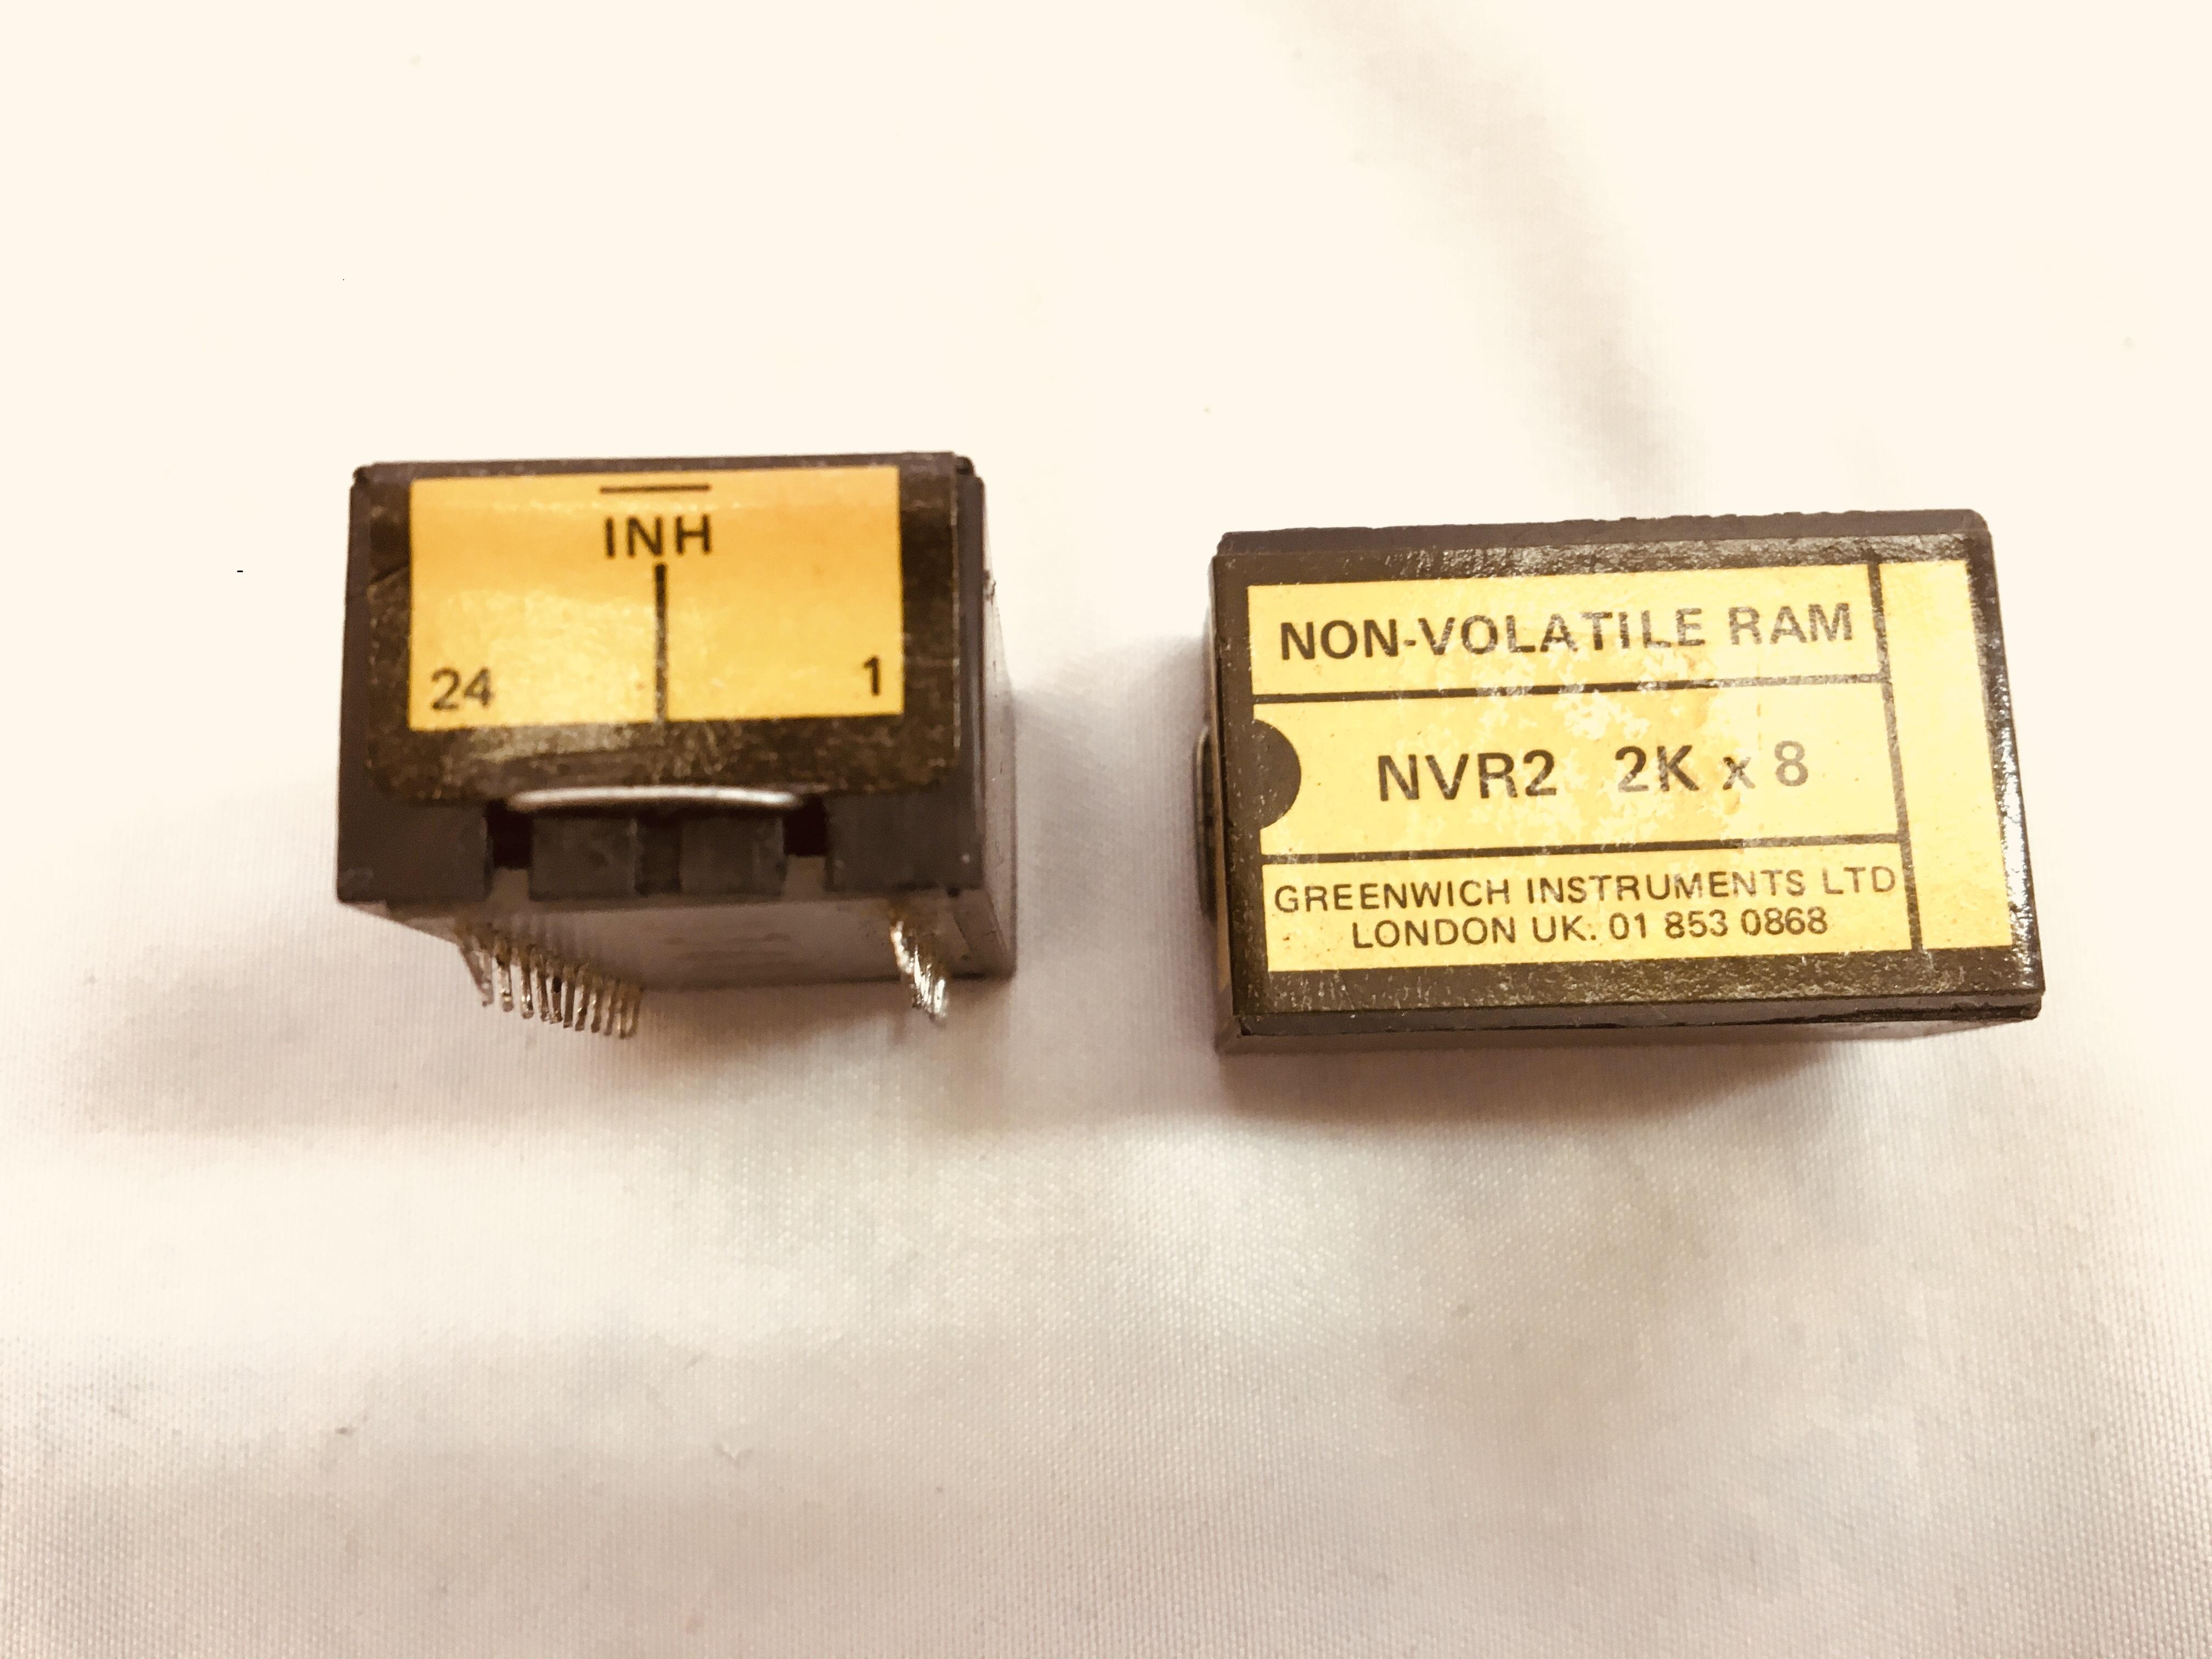 IC,NVRD2 2KX8 BATTERY RAM